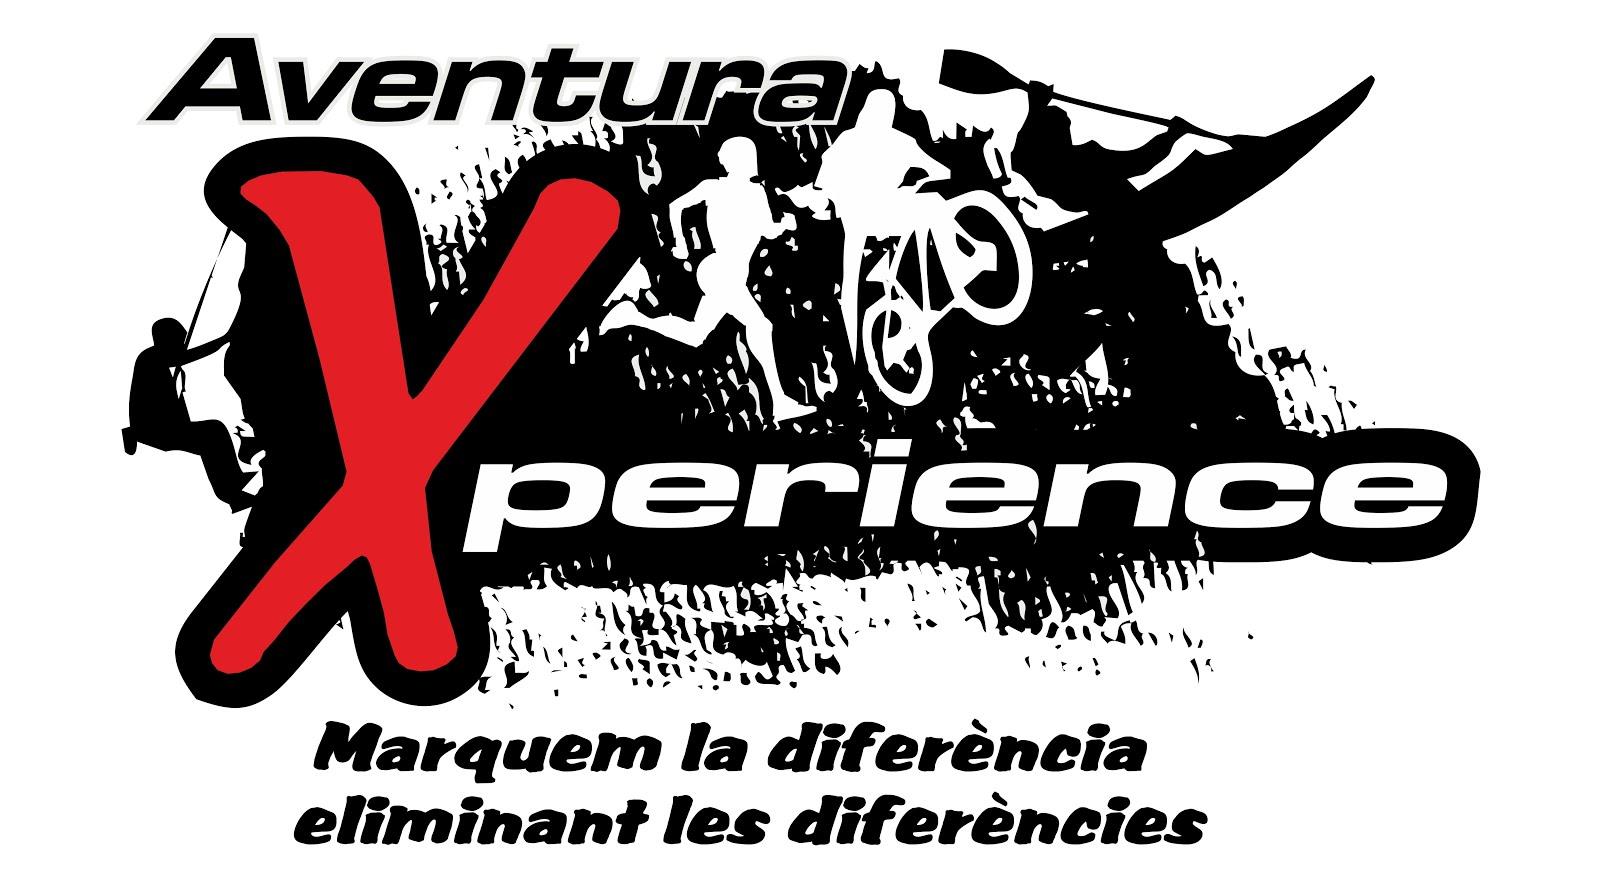 Campionat Aventura XPerience de curses d'aventura